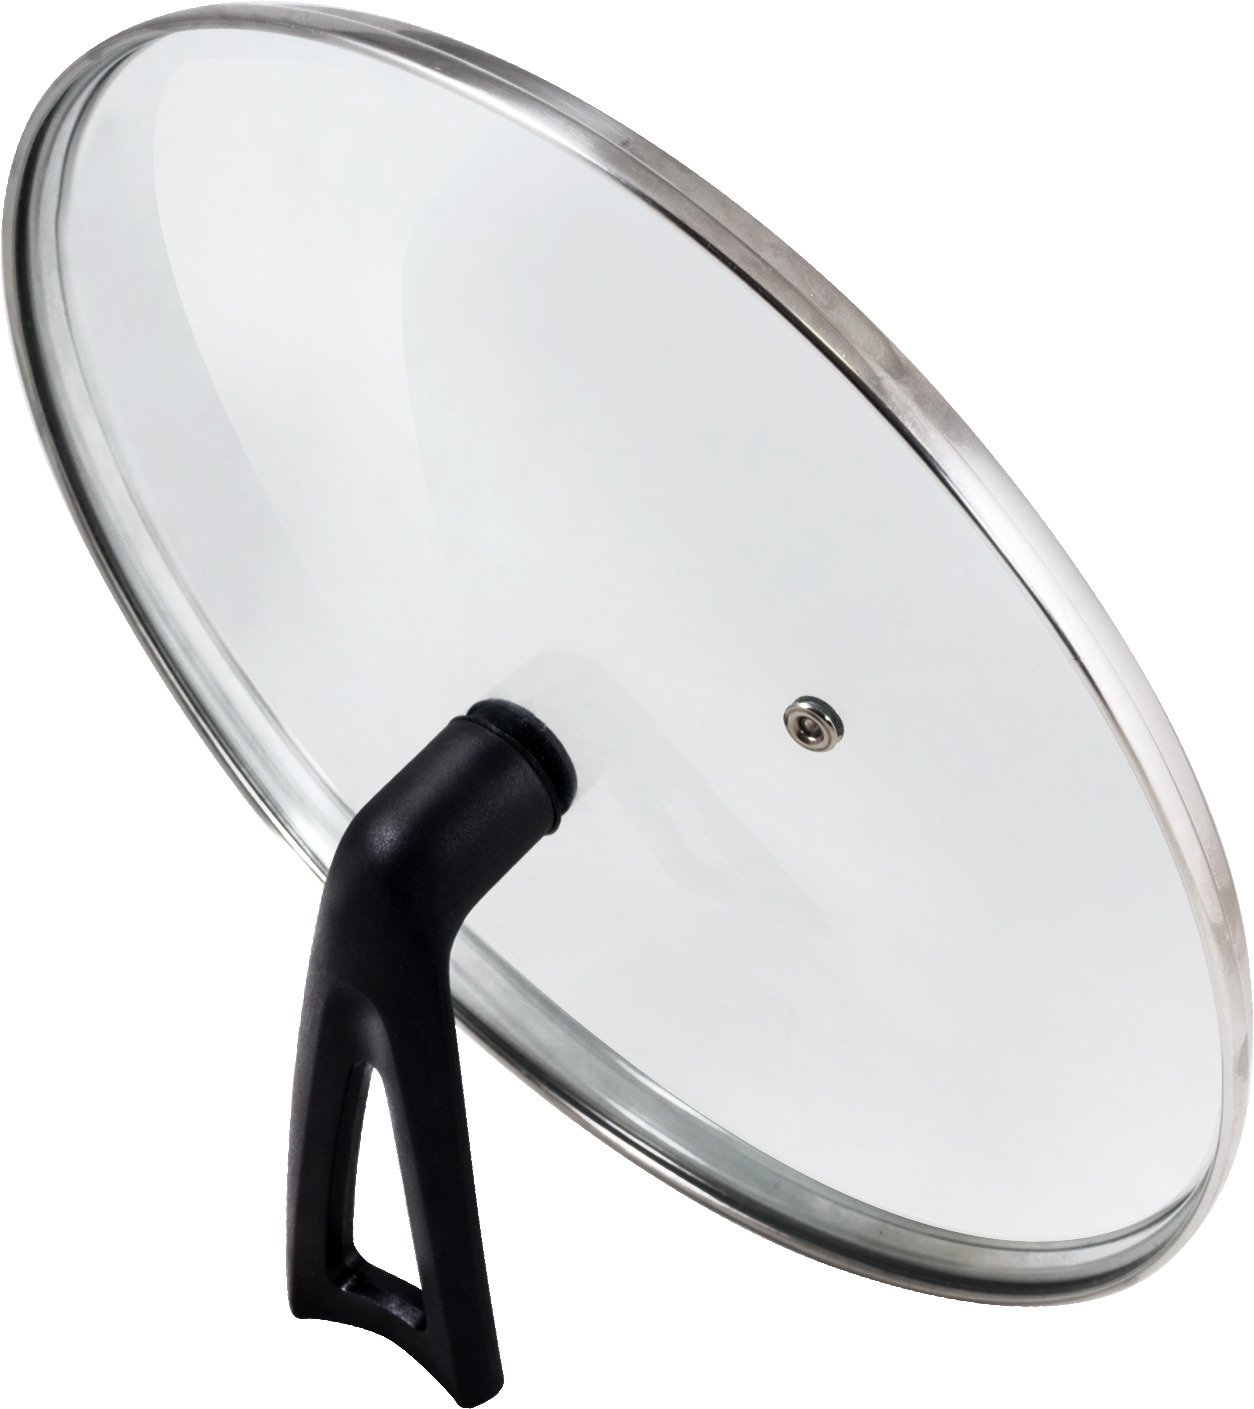 Крышка Mallony Vetro-Special, с бакелитовой ручкой, диаметр 24 см крышка васильевское стекло 4924 24 см стекло